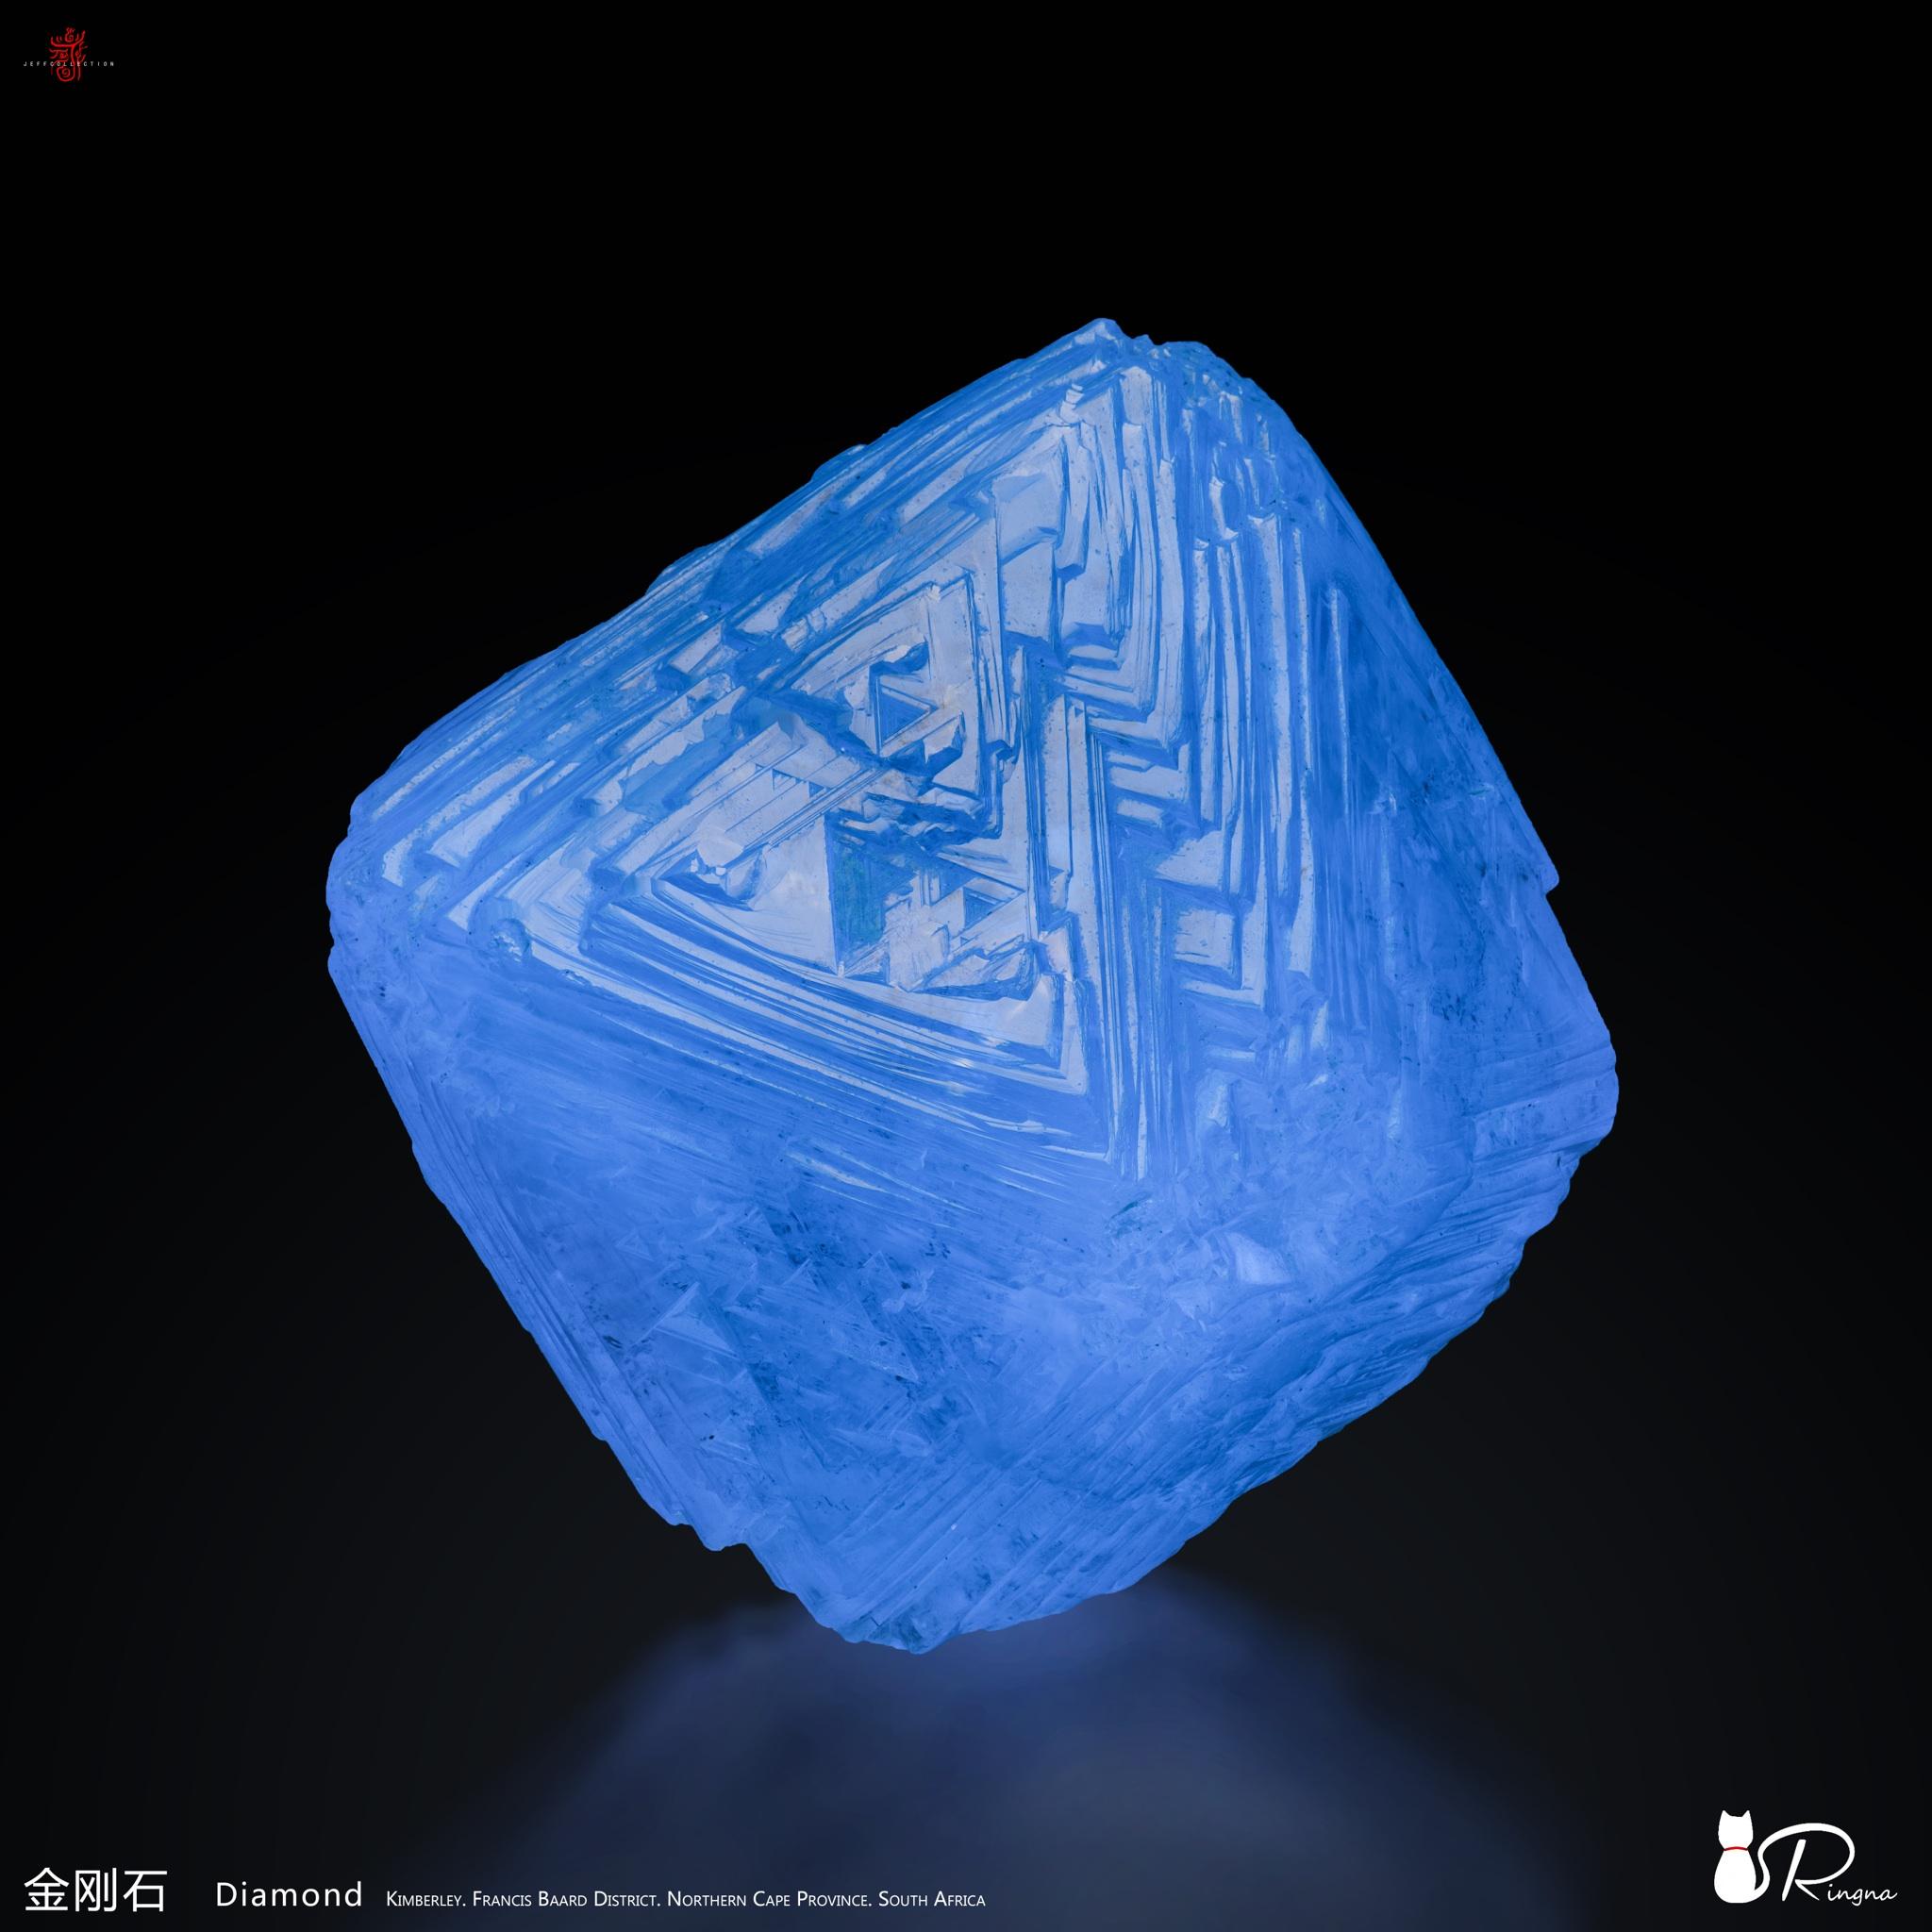 Wish Wang - 5D1FEFB3-2DEB-4A9D-9893-1D96